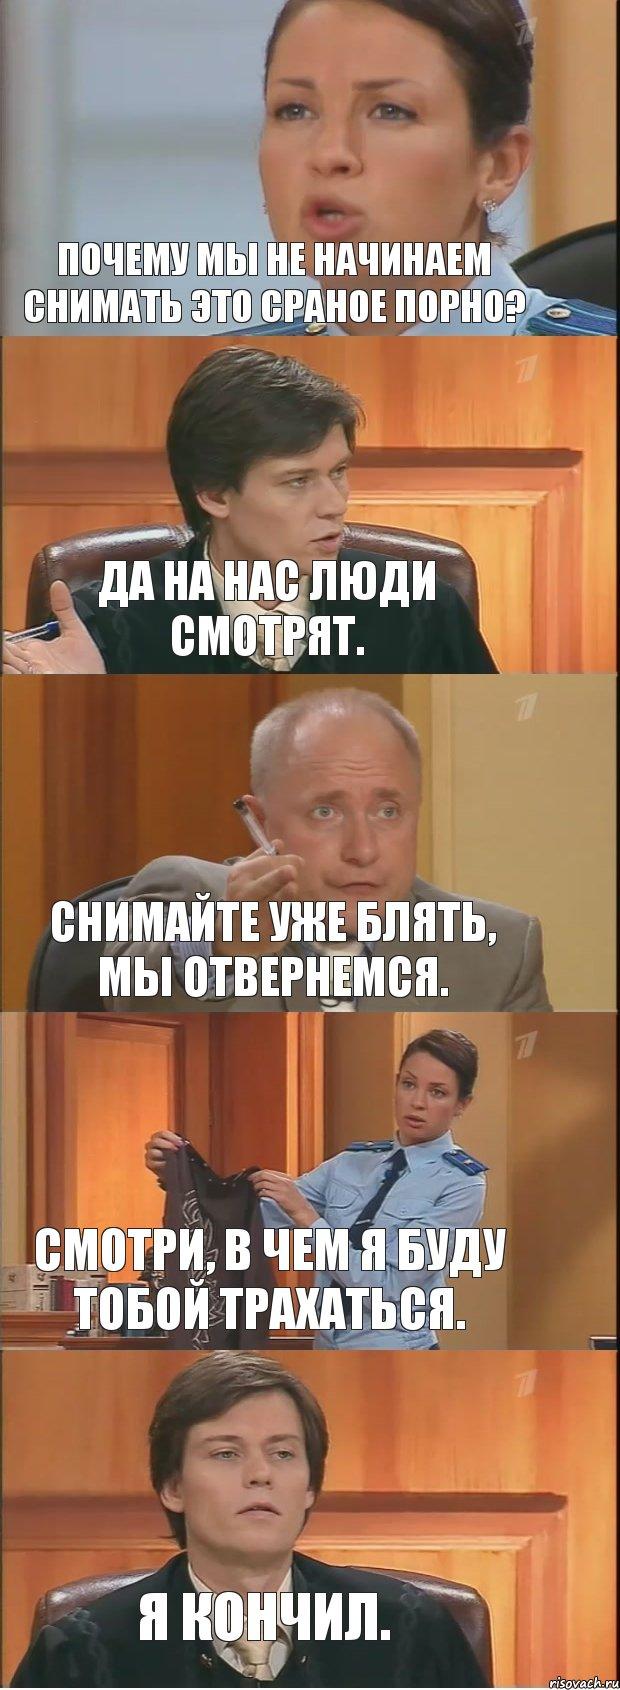 сраное порно: